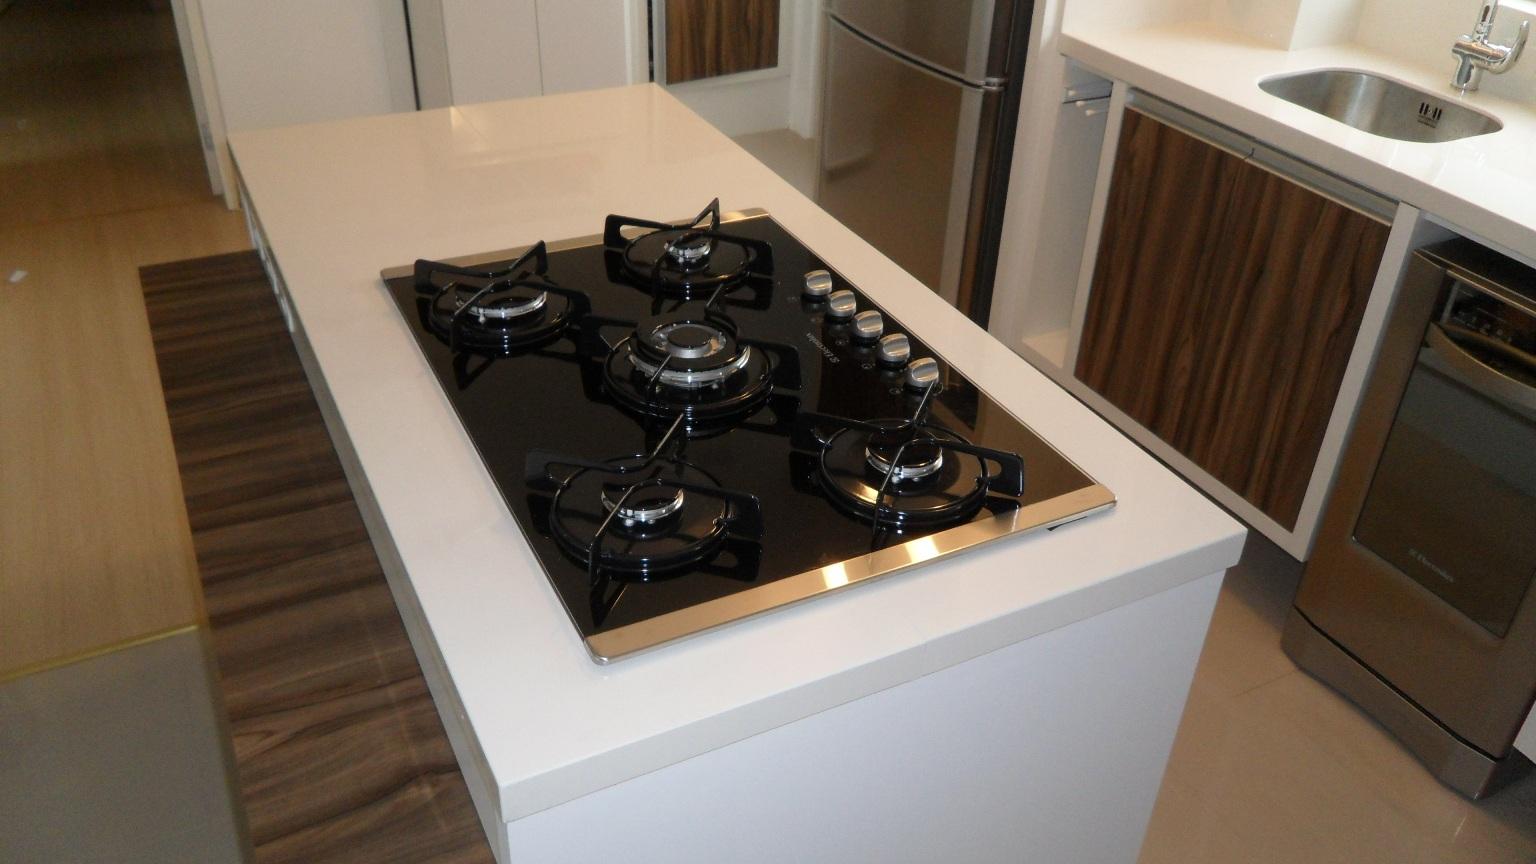 porcelanato.: Bancada cozinha com ilha e cooktop. Porcelanato #886743 1536 864